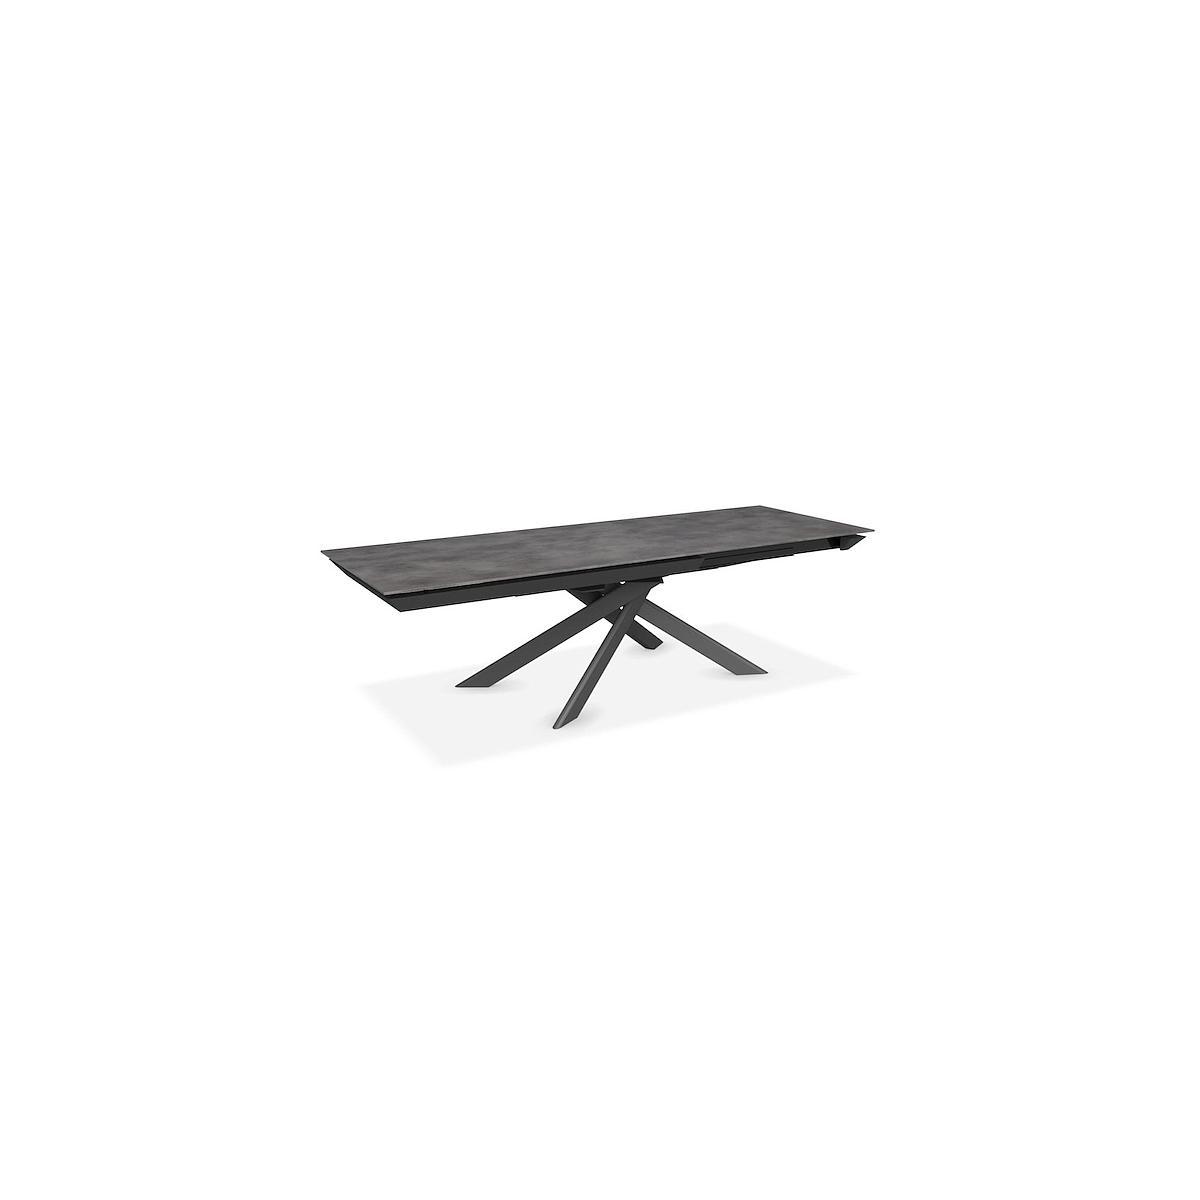 Table rectangulaire extensible ECLISSE Calligaris céramique-verre ciment